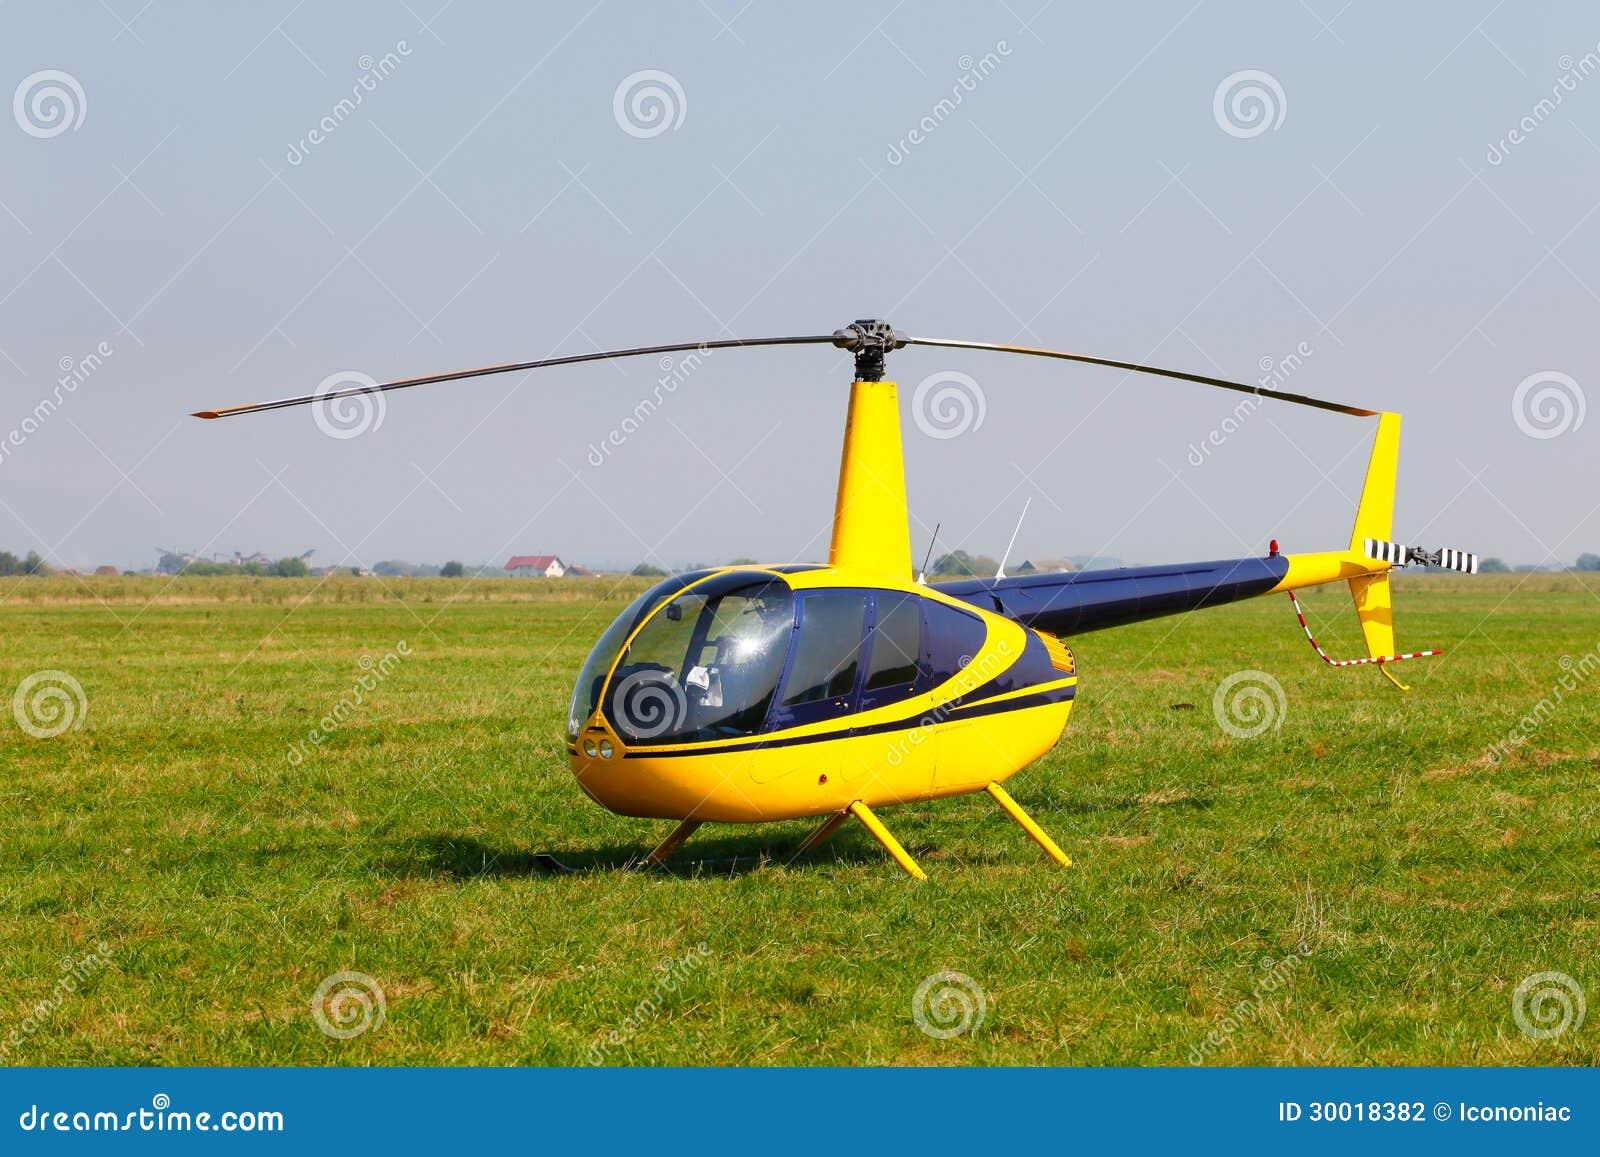 Elicottero Giallo Sul Campo Fotografia Stock Immagine Di Mosca